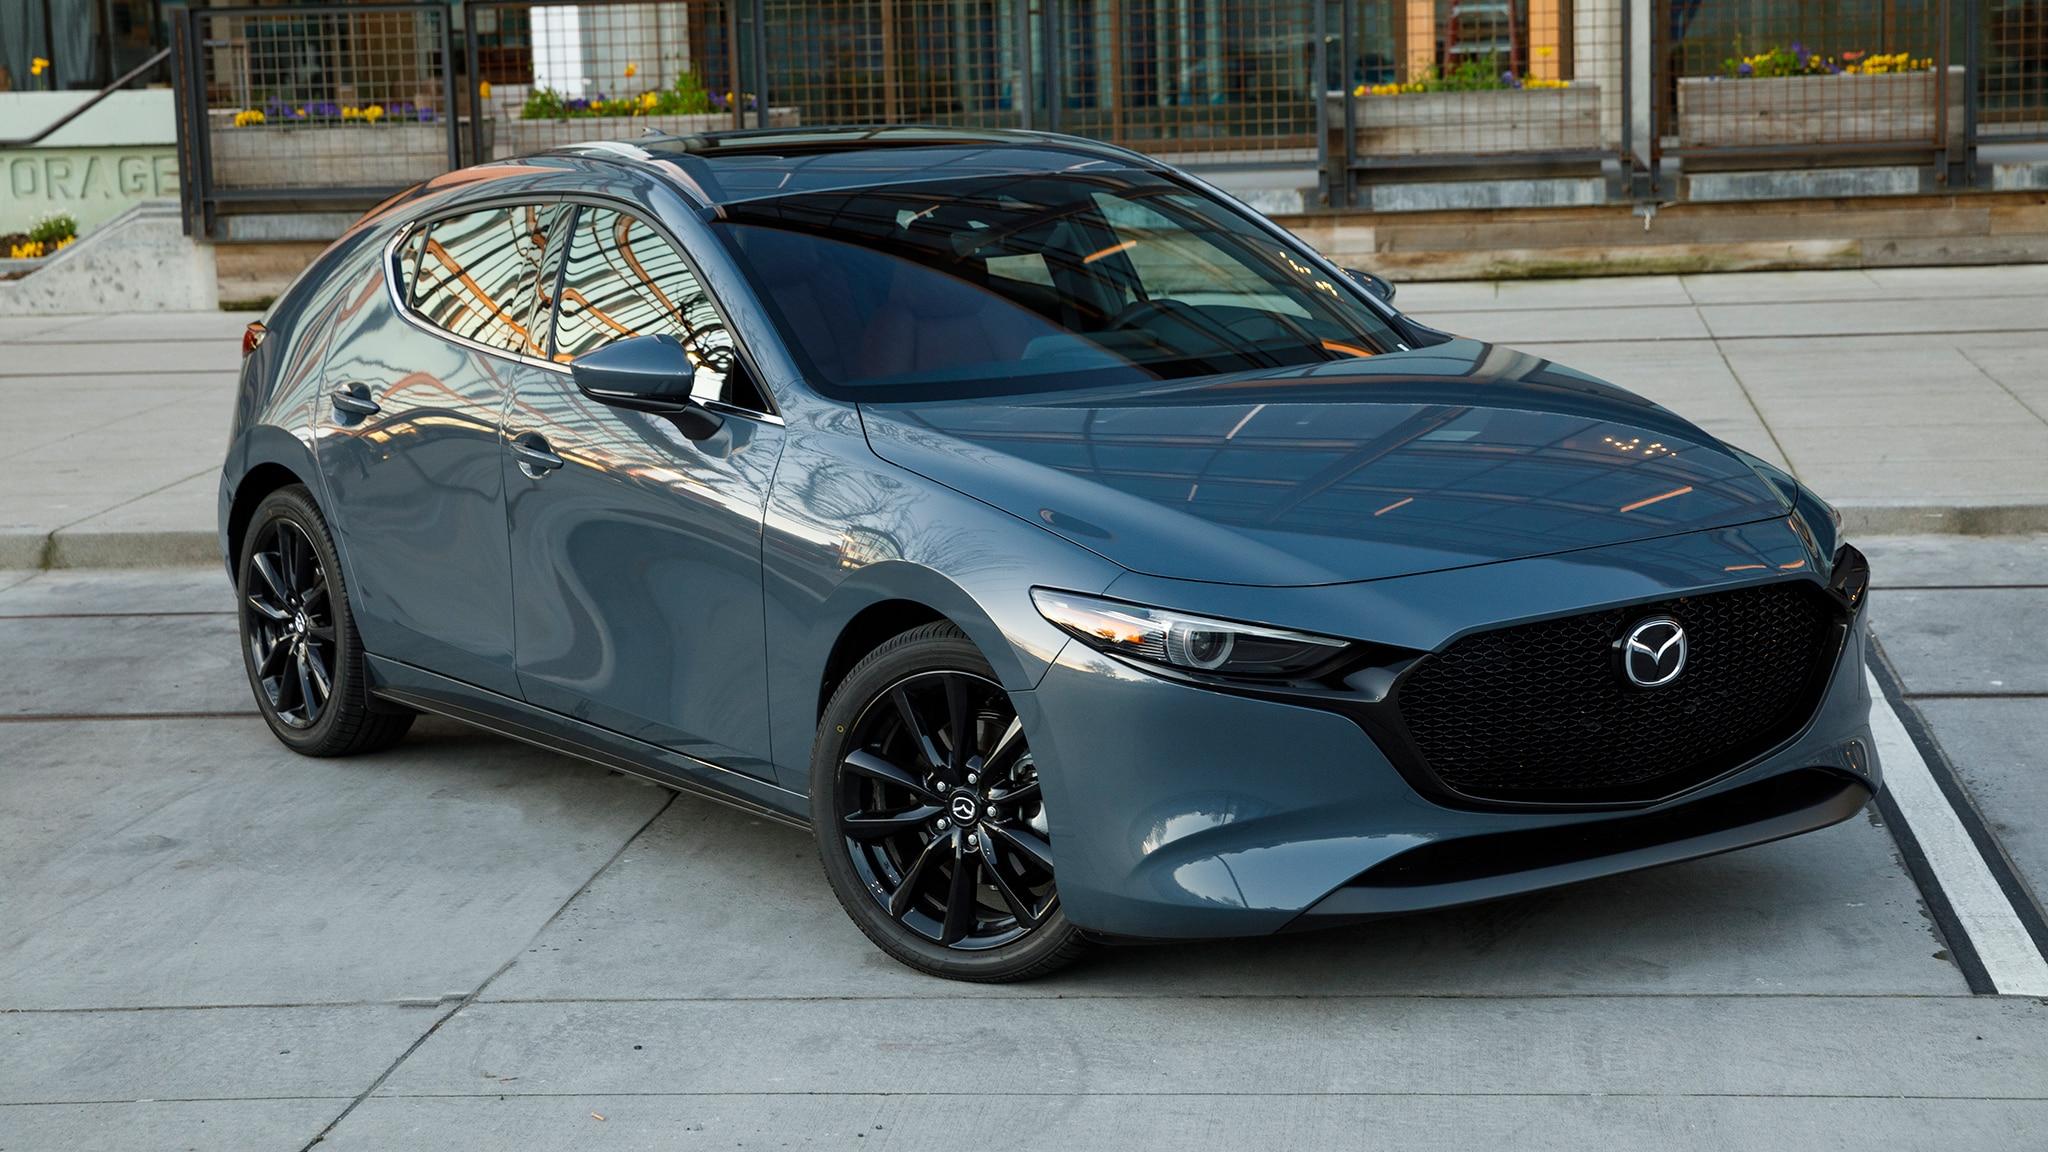 2020 Mazdaspeed 3 Spy Shoot